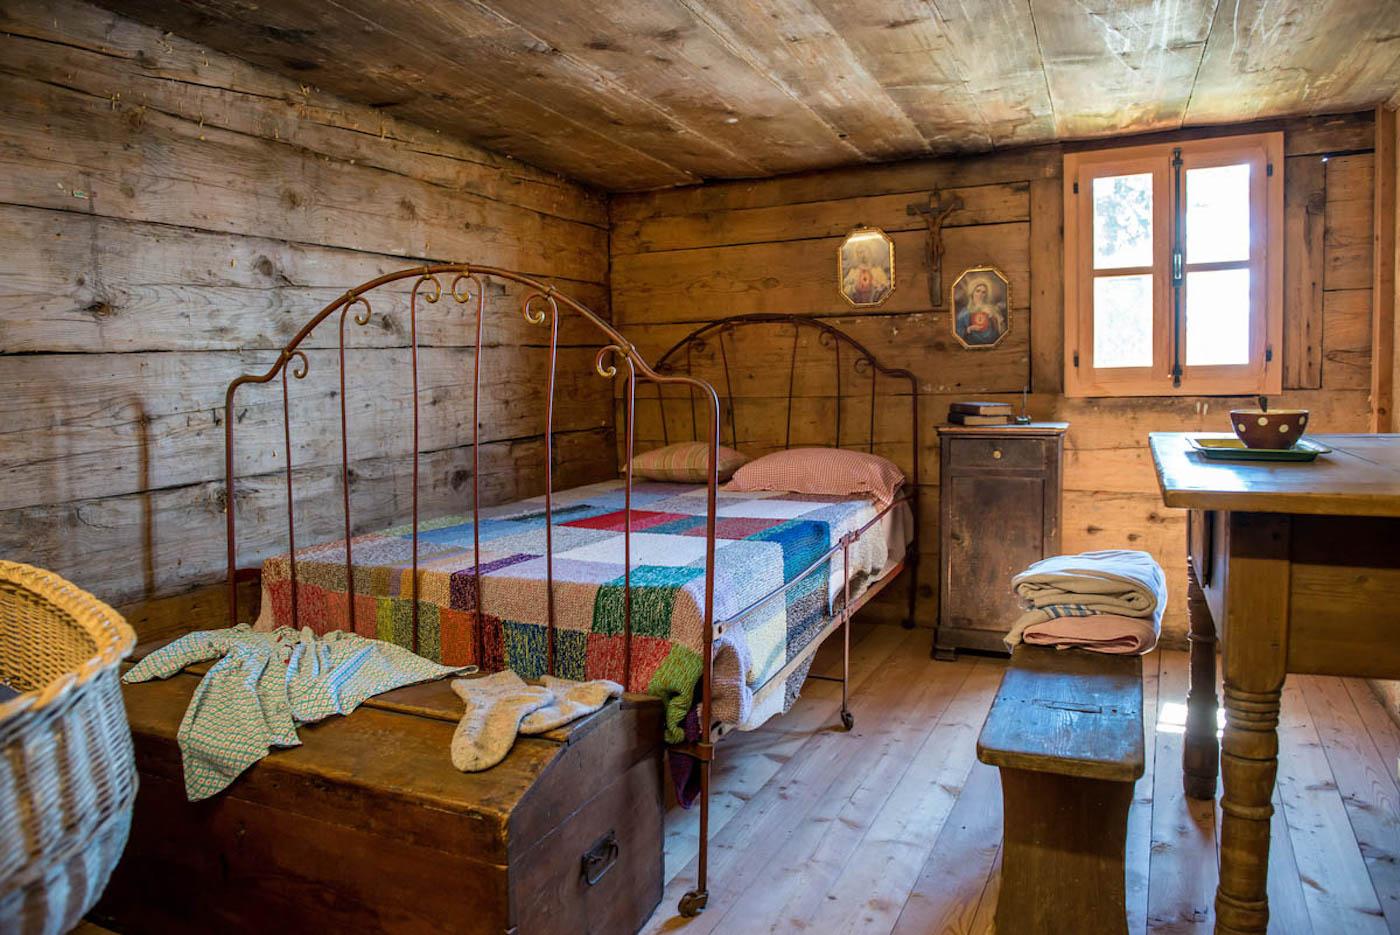 La ricostruzione di un'antica camera da letto nell'Ecomuseo di Colombire - foto Crans-Montana Tourisme & Congrès/Olivier Maire